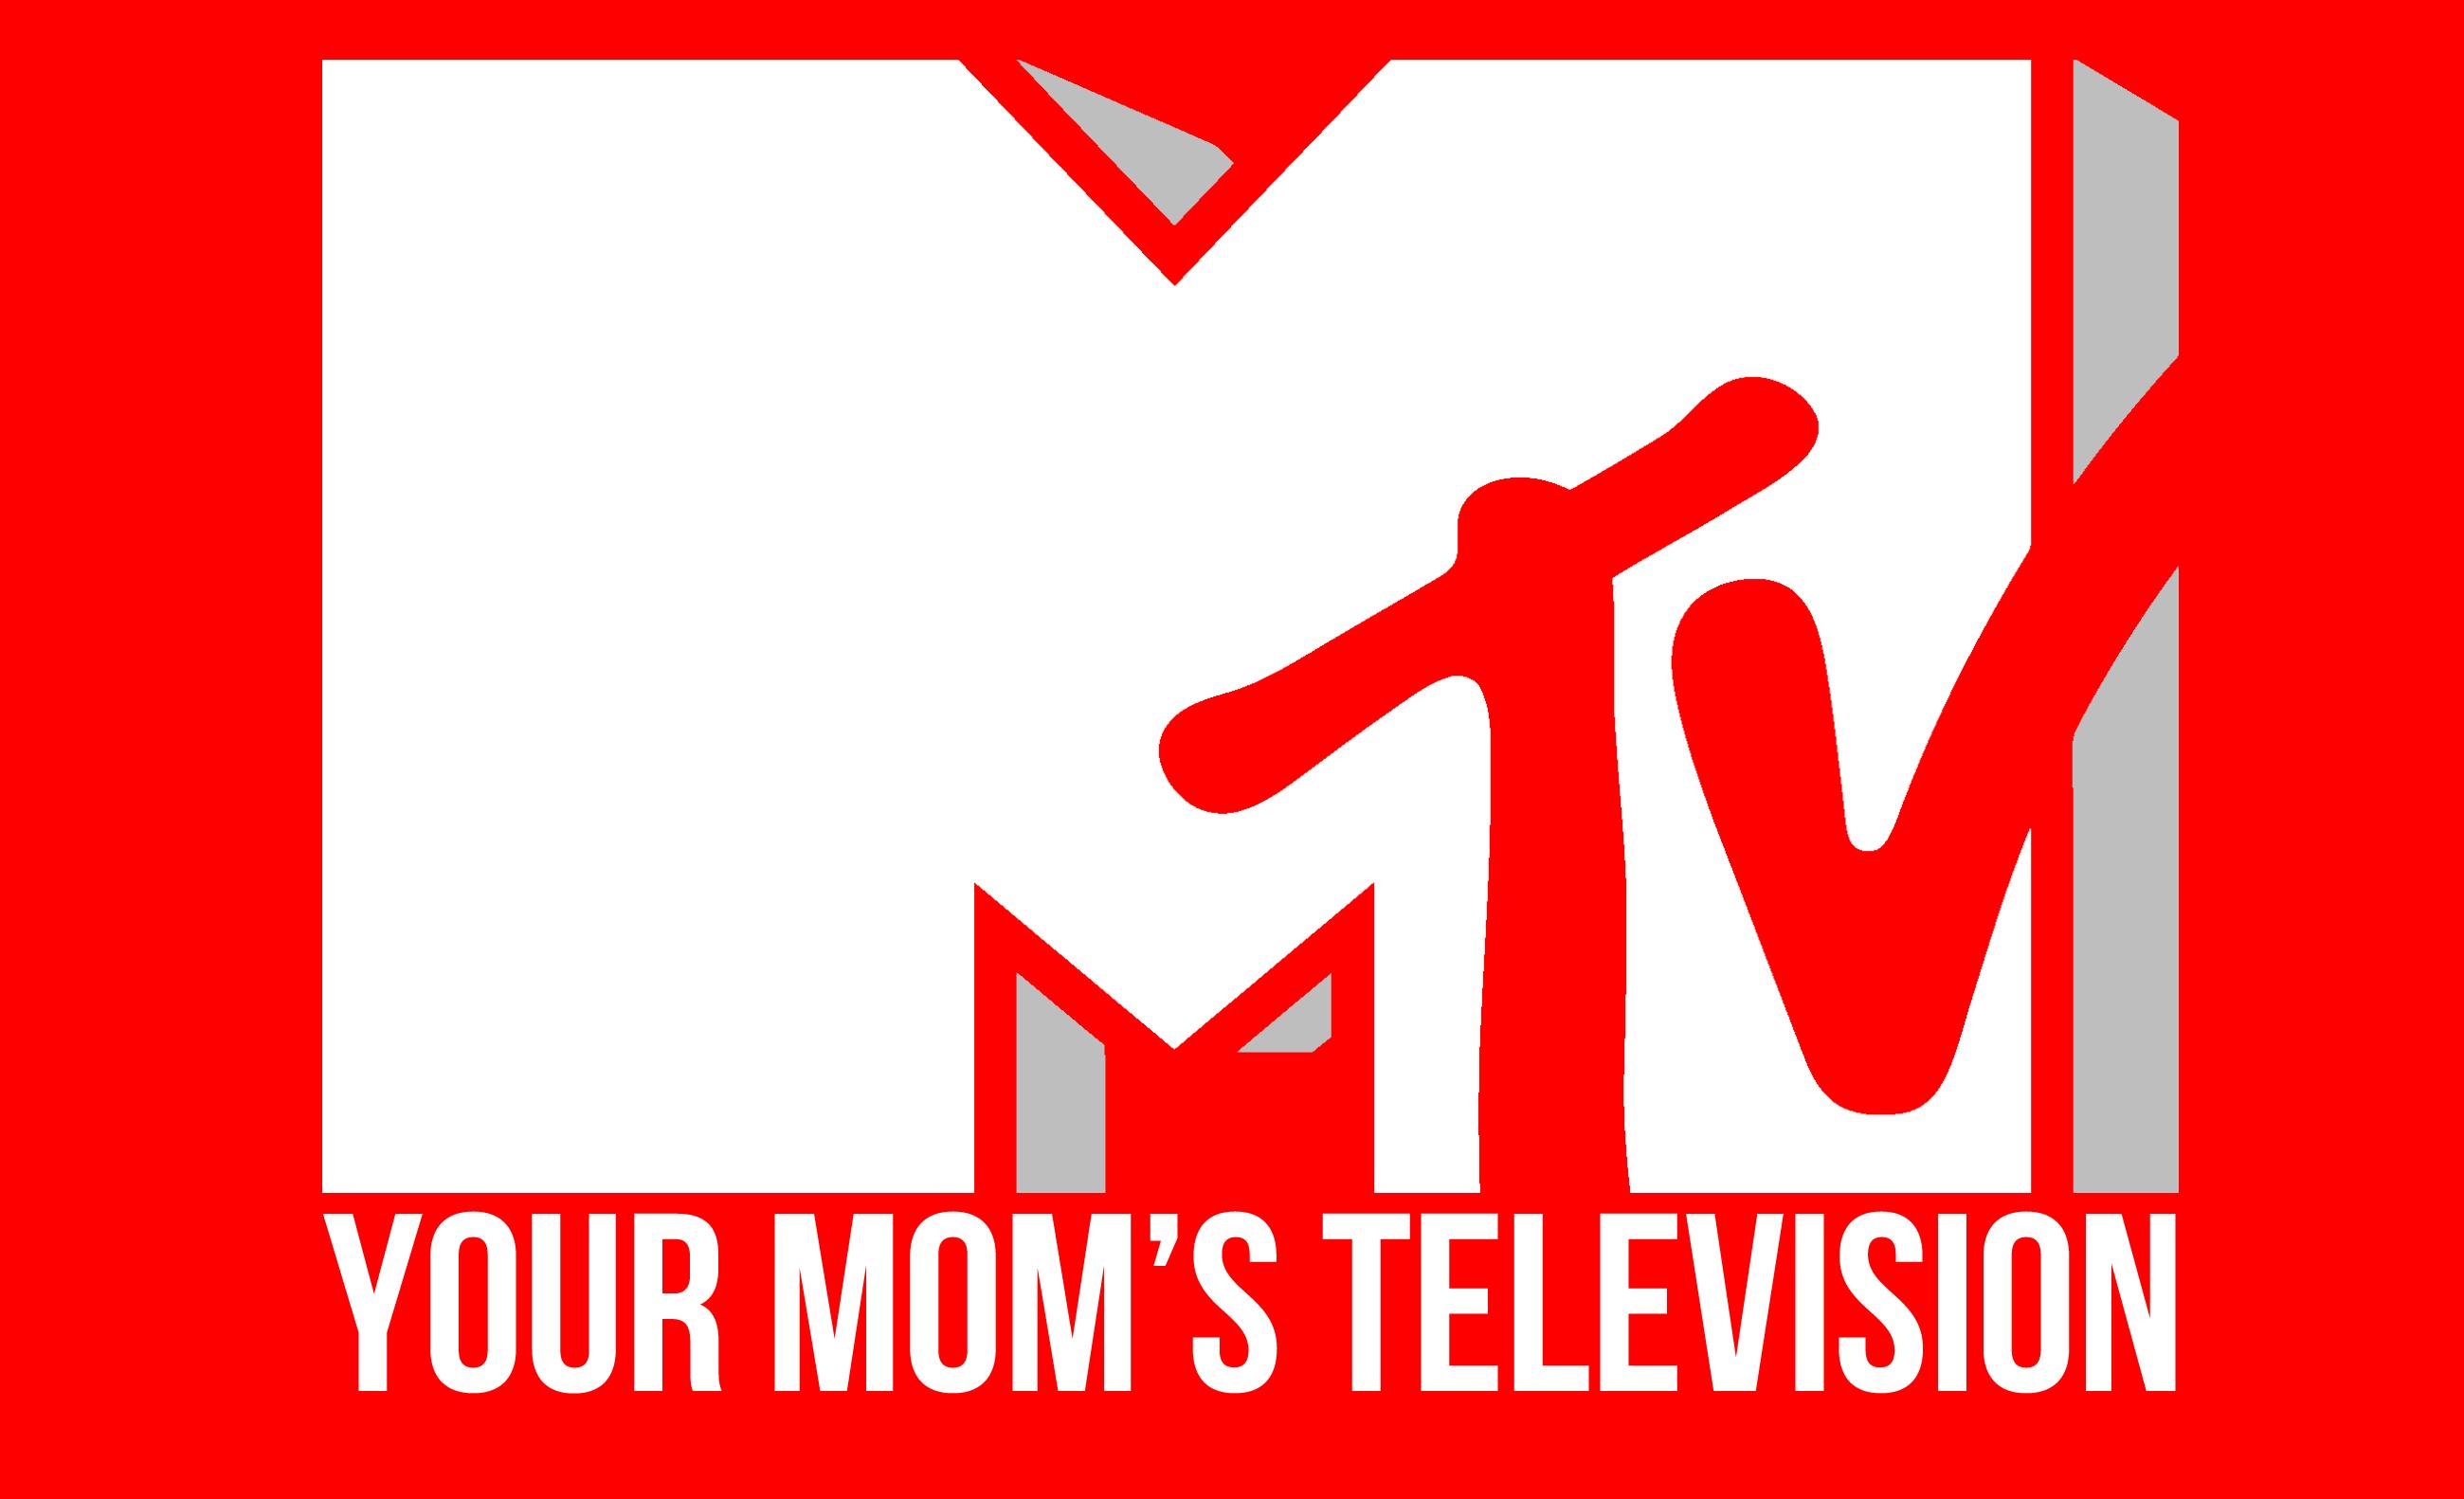 mtv logo by mikz101 on deviantart rh deviantart com mtv logo font generator